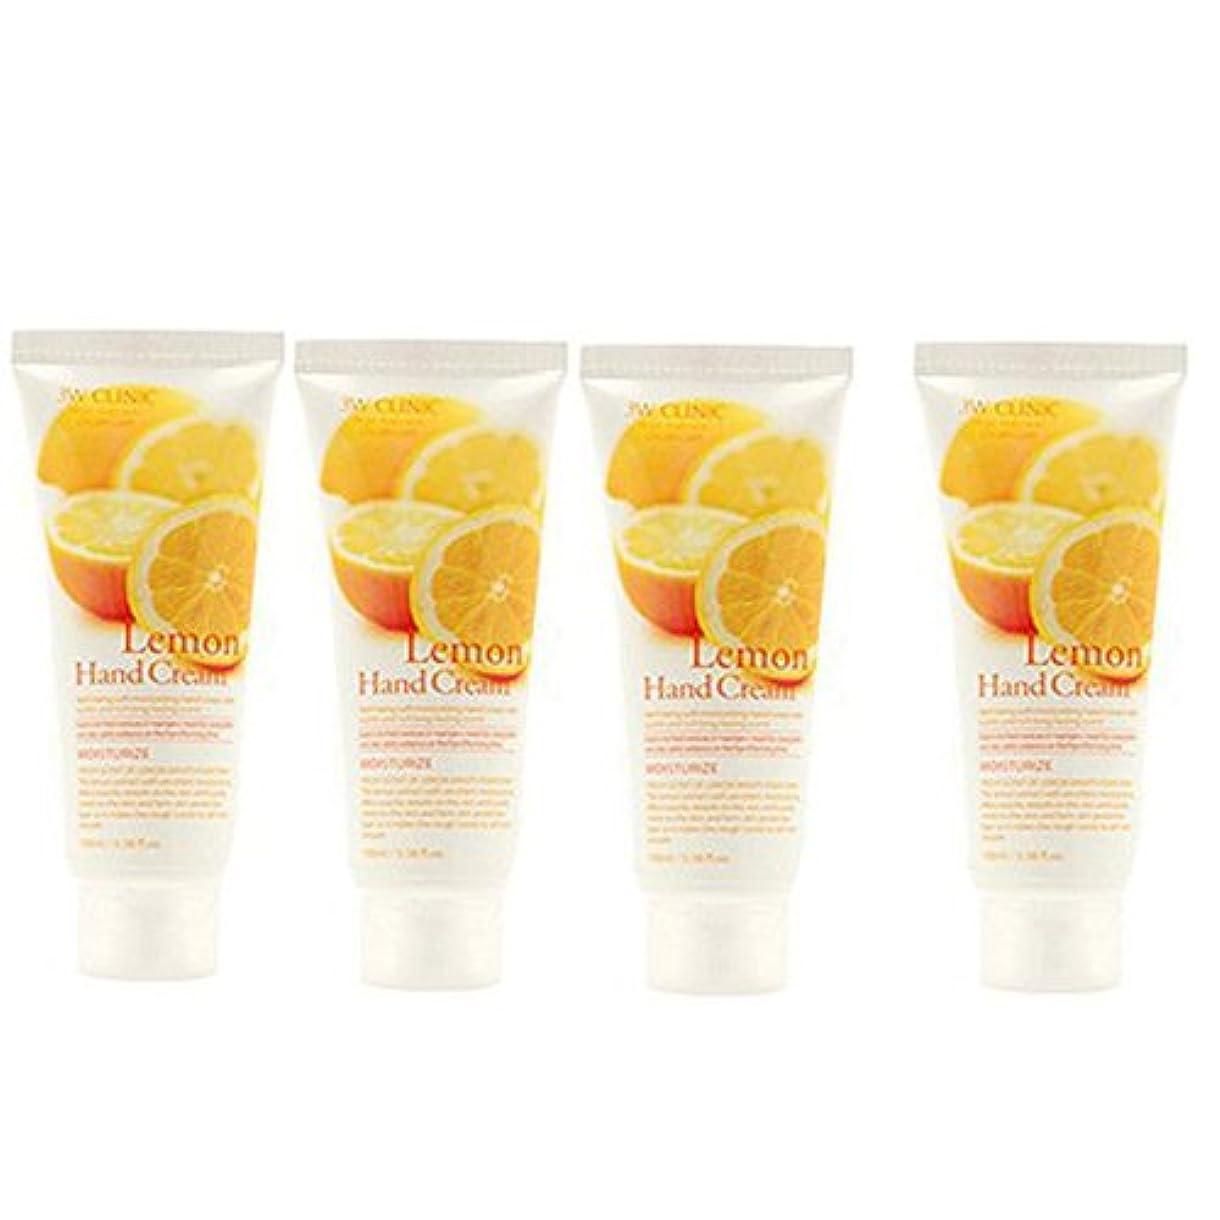 音節信じる剃る3w Clinic[韓国コスメARRAHAN]Moisturizing Lemon Hand Cream モイスチャーリングレモンハンドクリーム100mlX4個 [並行輸入品]